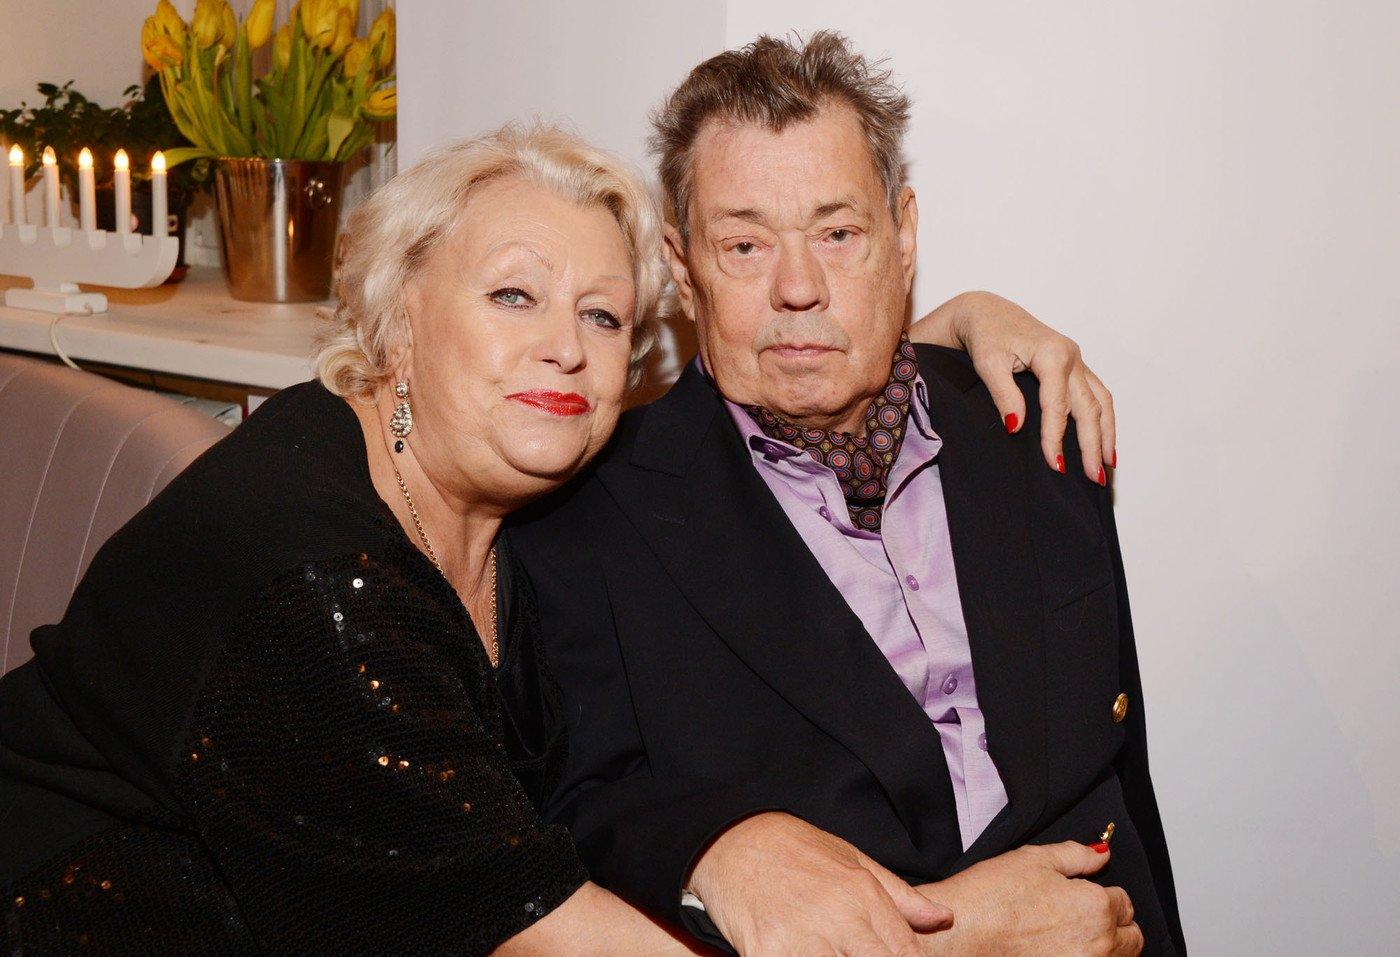 Вдова Людмила Поргина отдыхает водиночестве впервый раз засорок лет